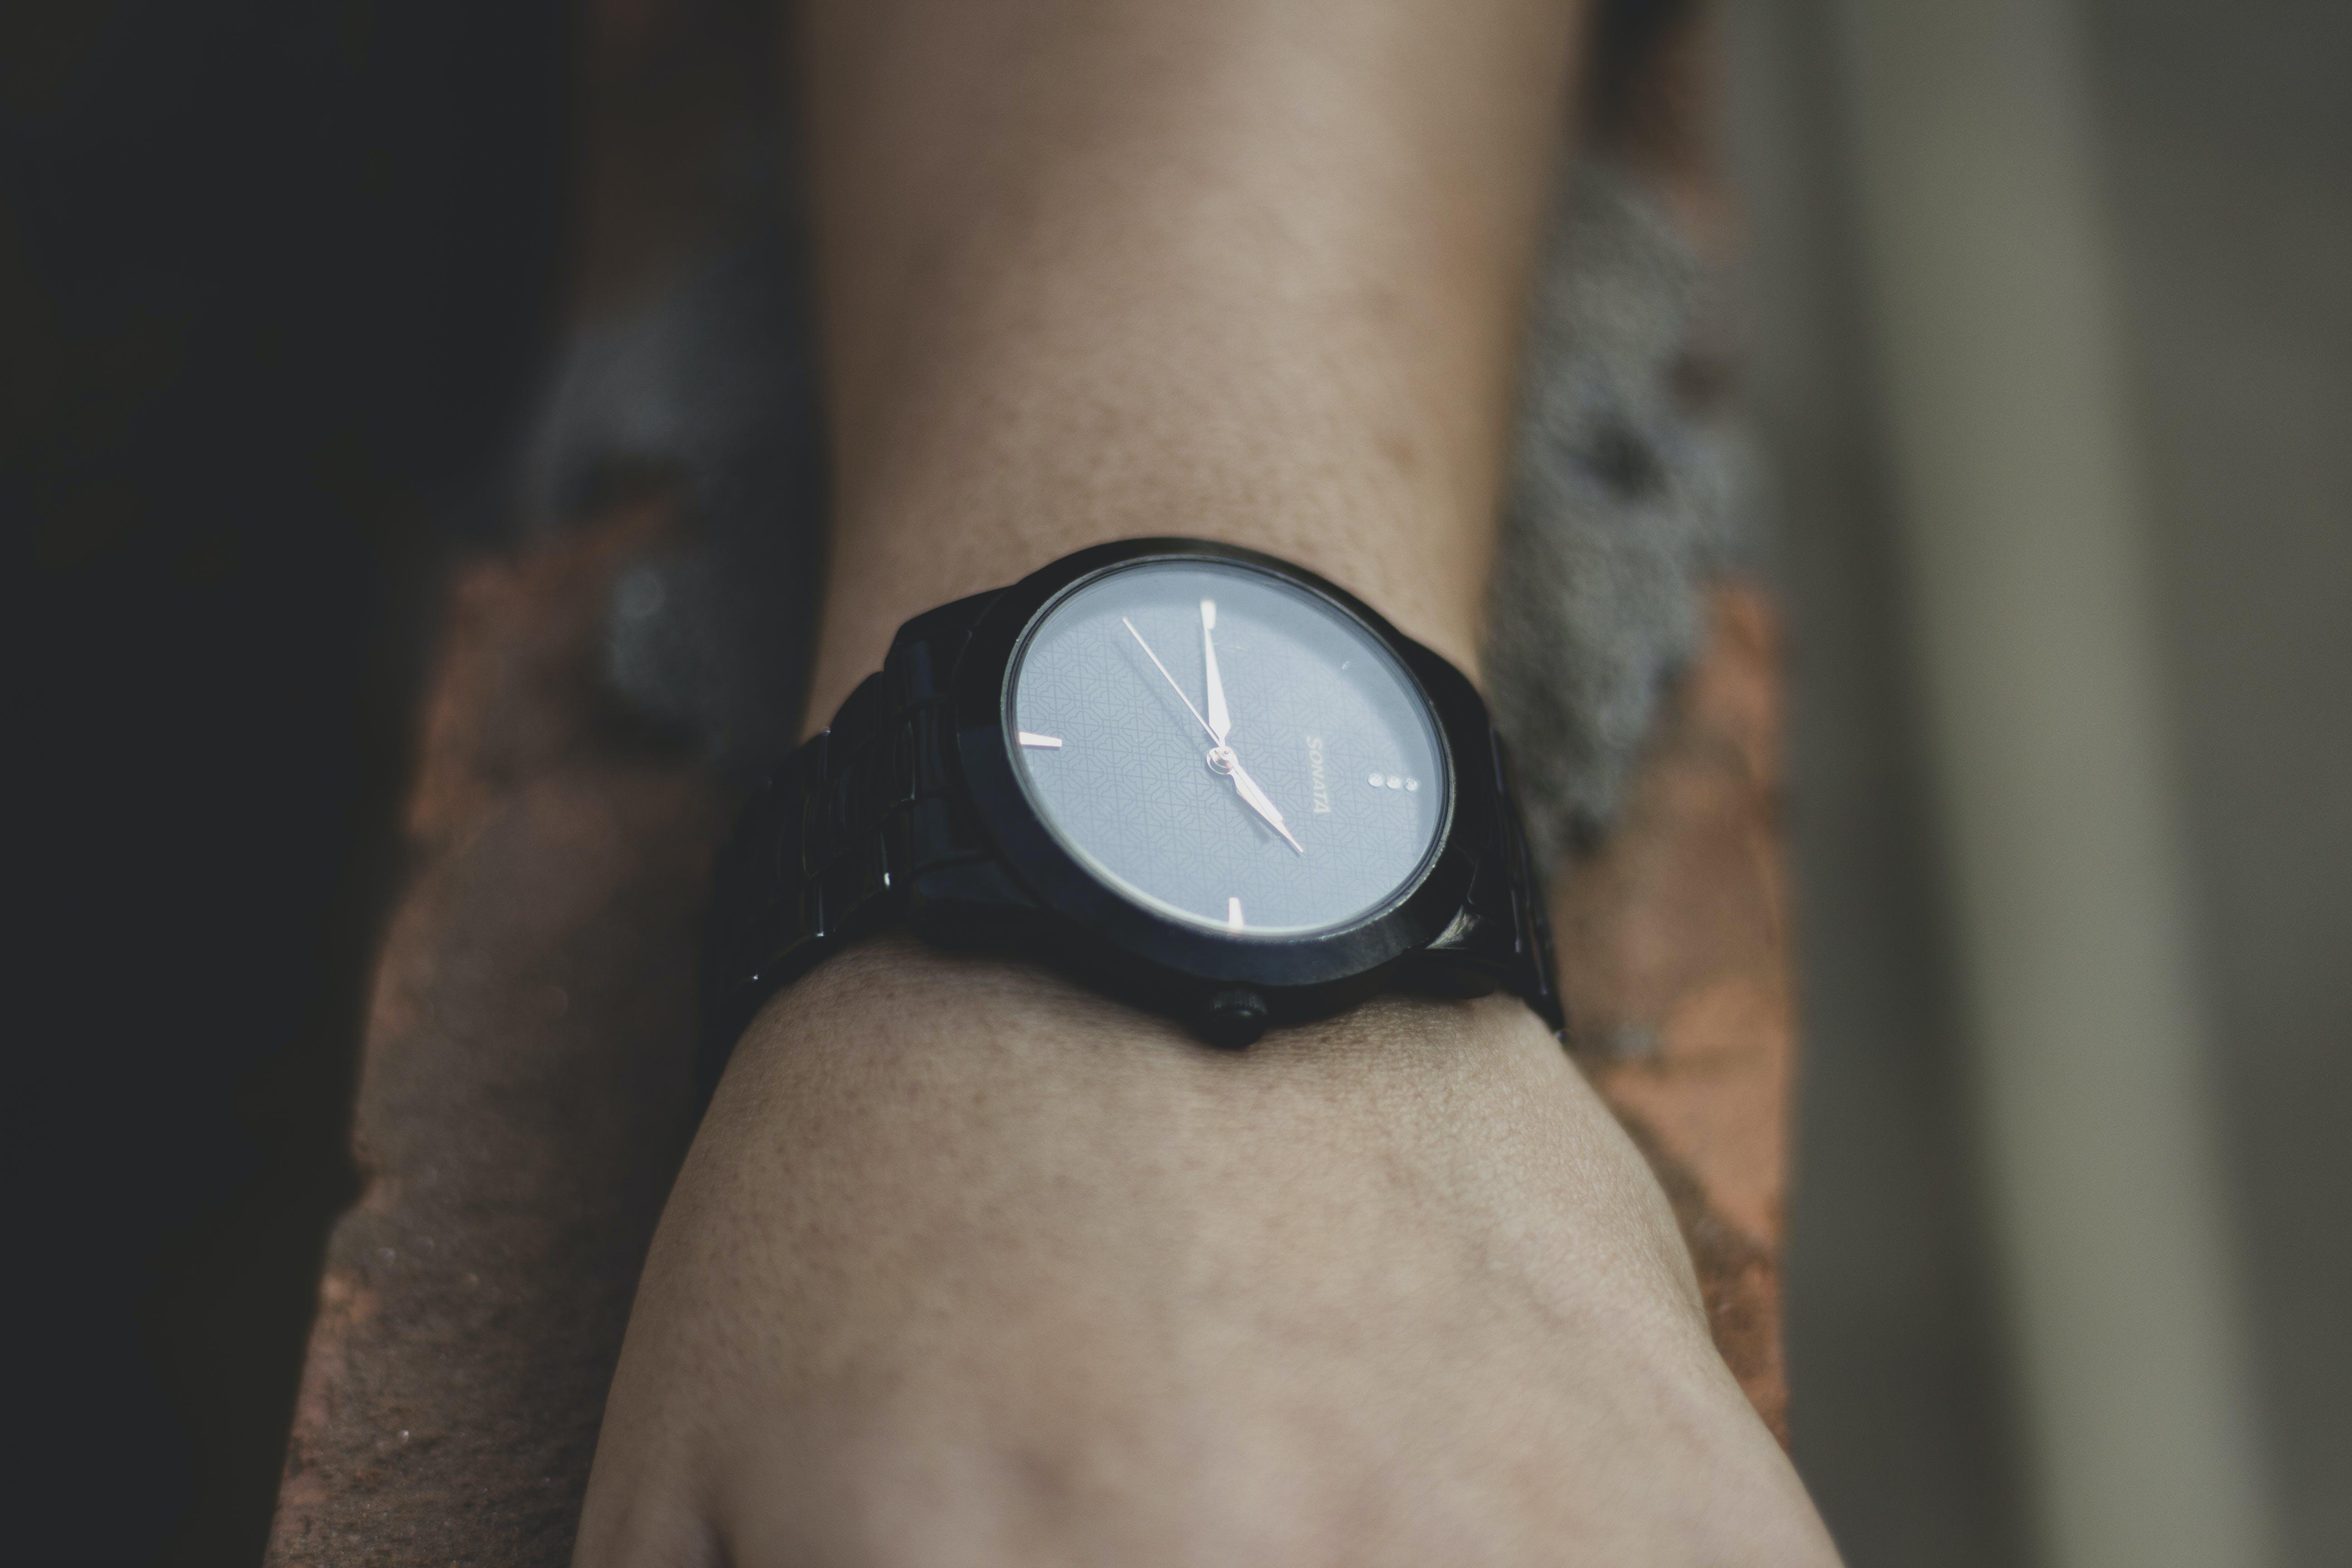 Round Black Analog Watch Displaying 7:15 Time